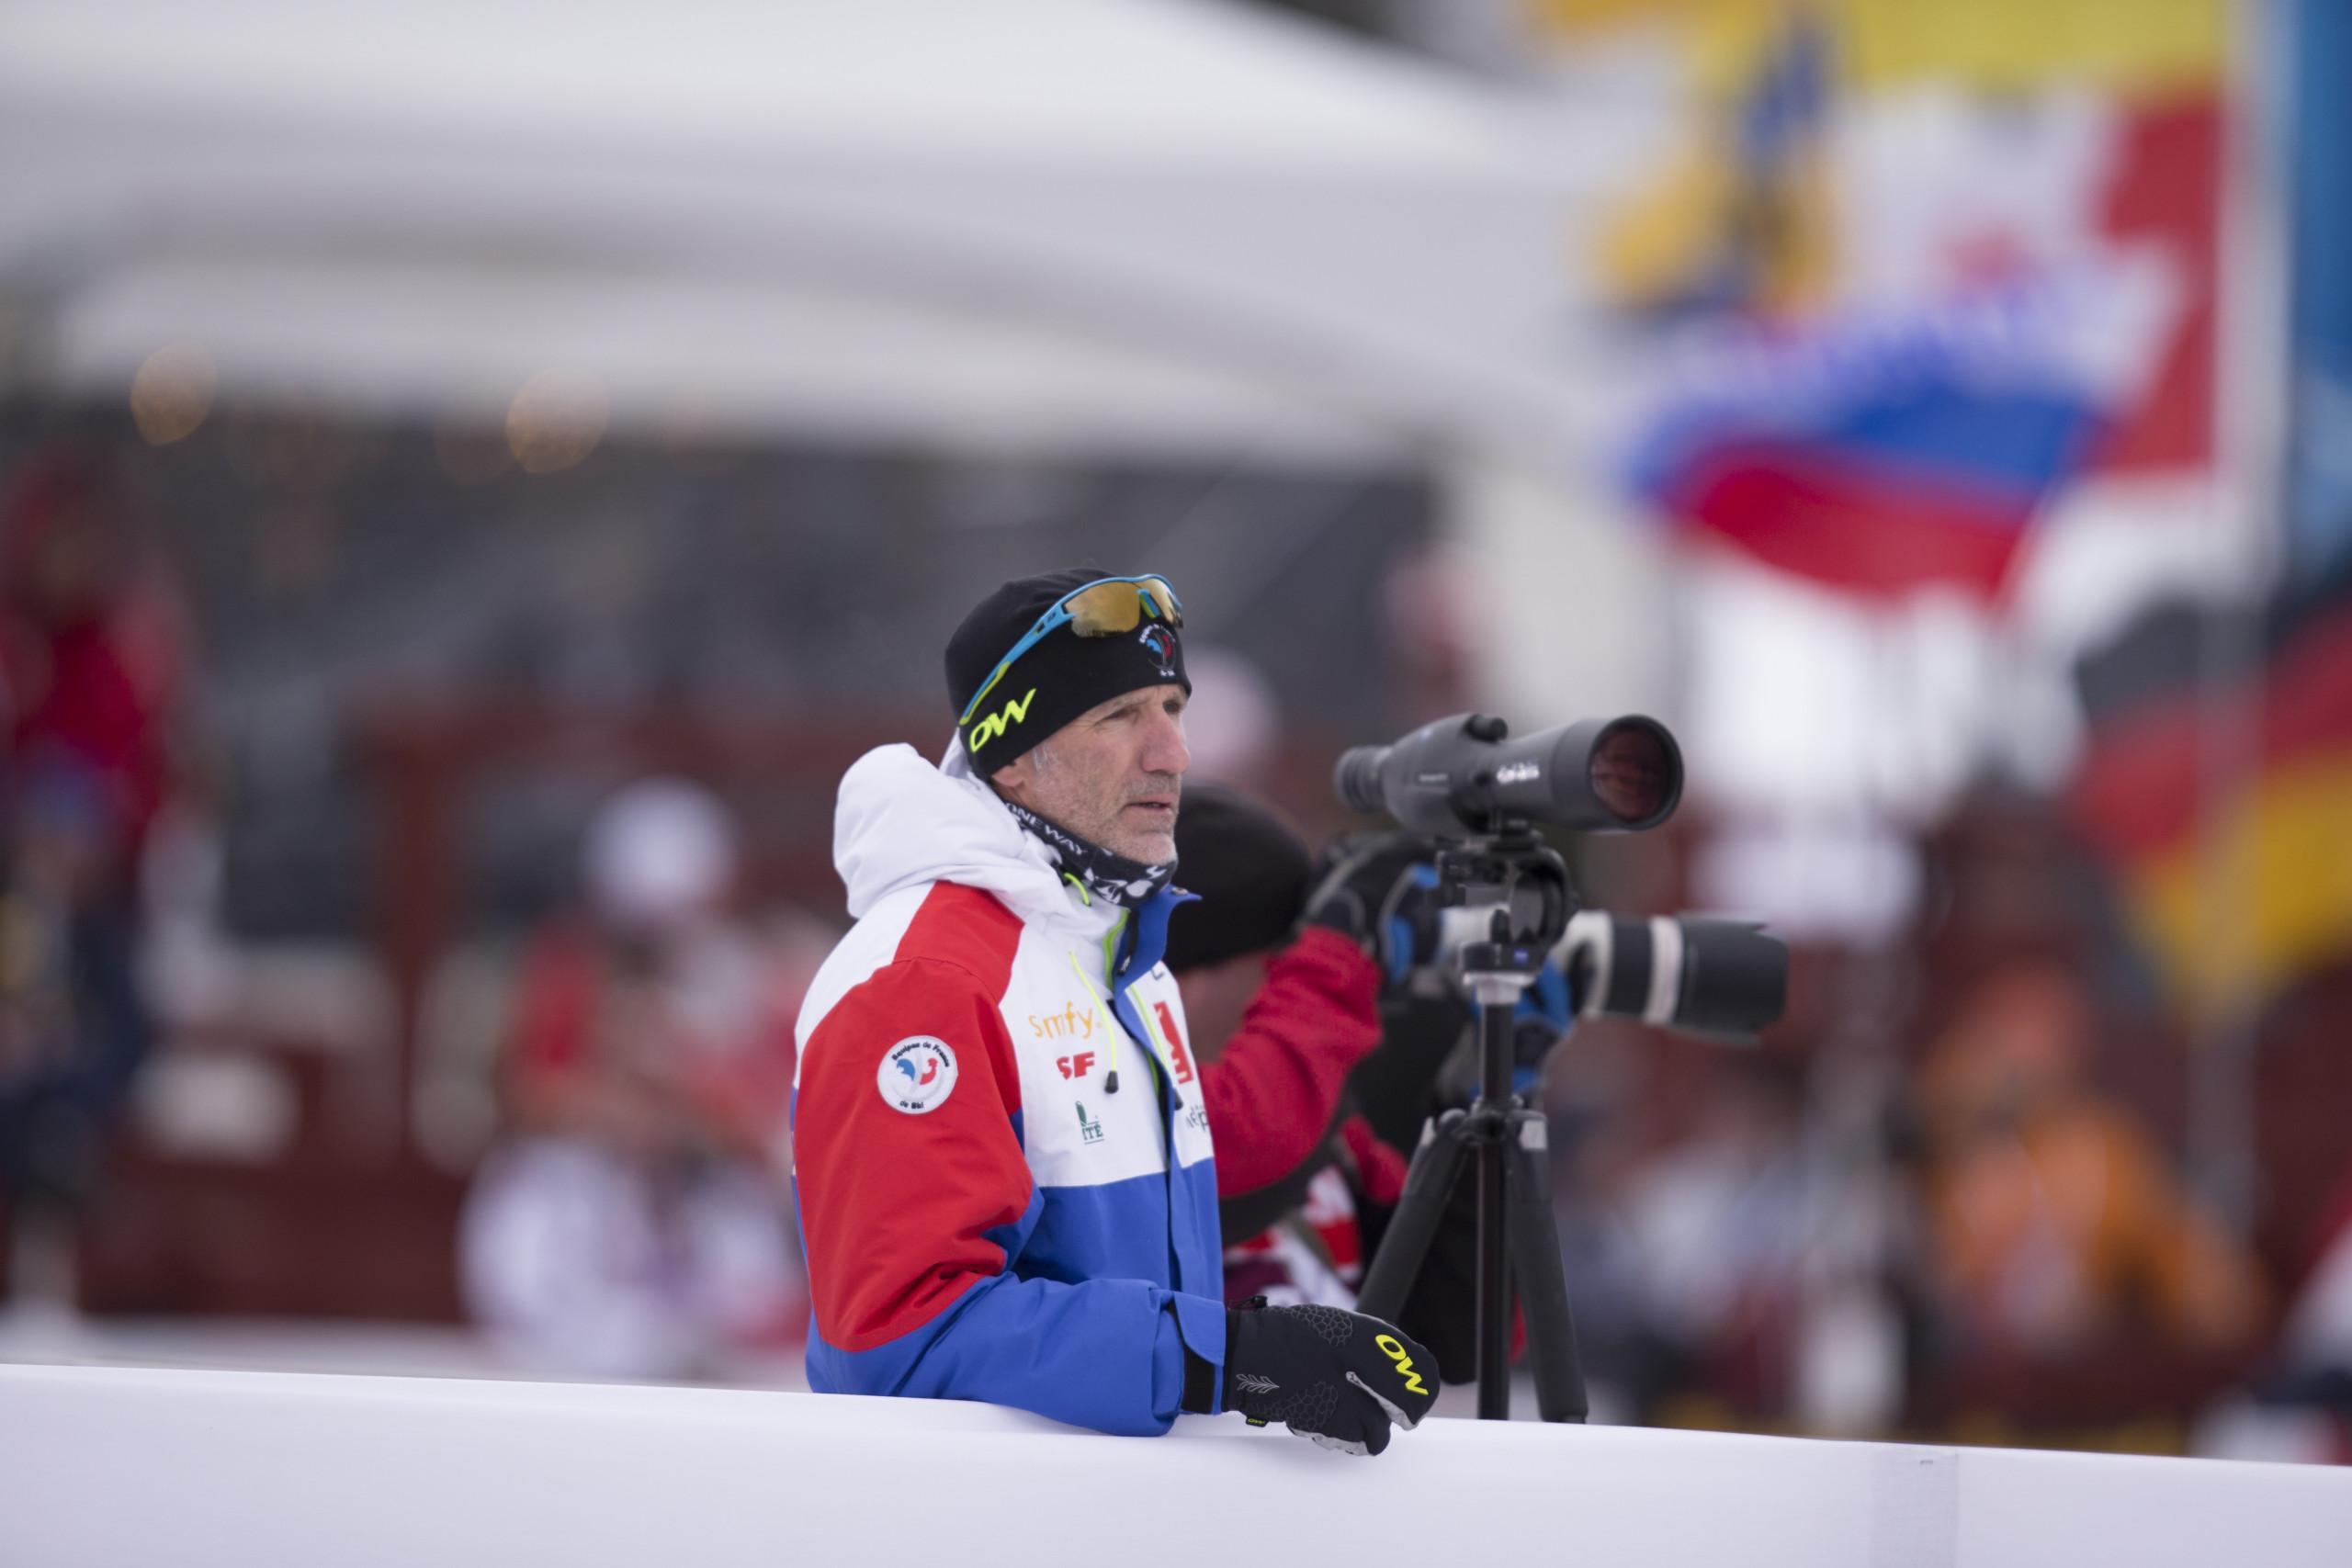 Finnischer Schießtrainer Biathlon